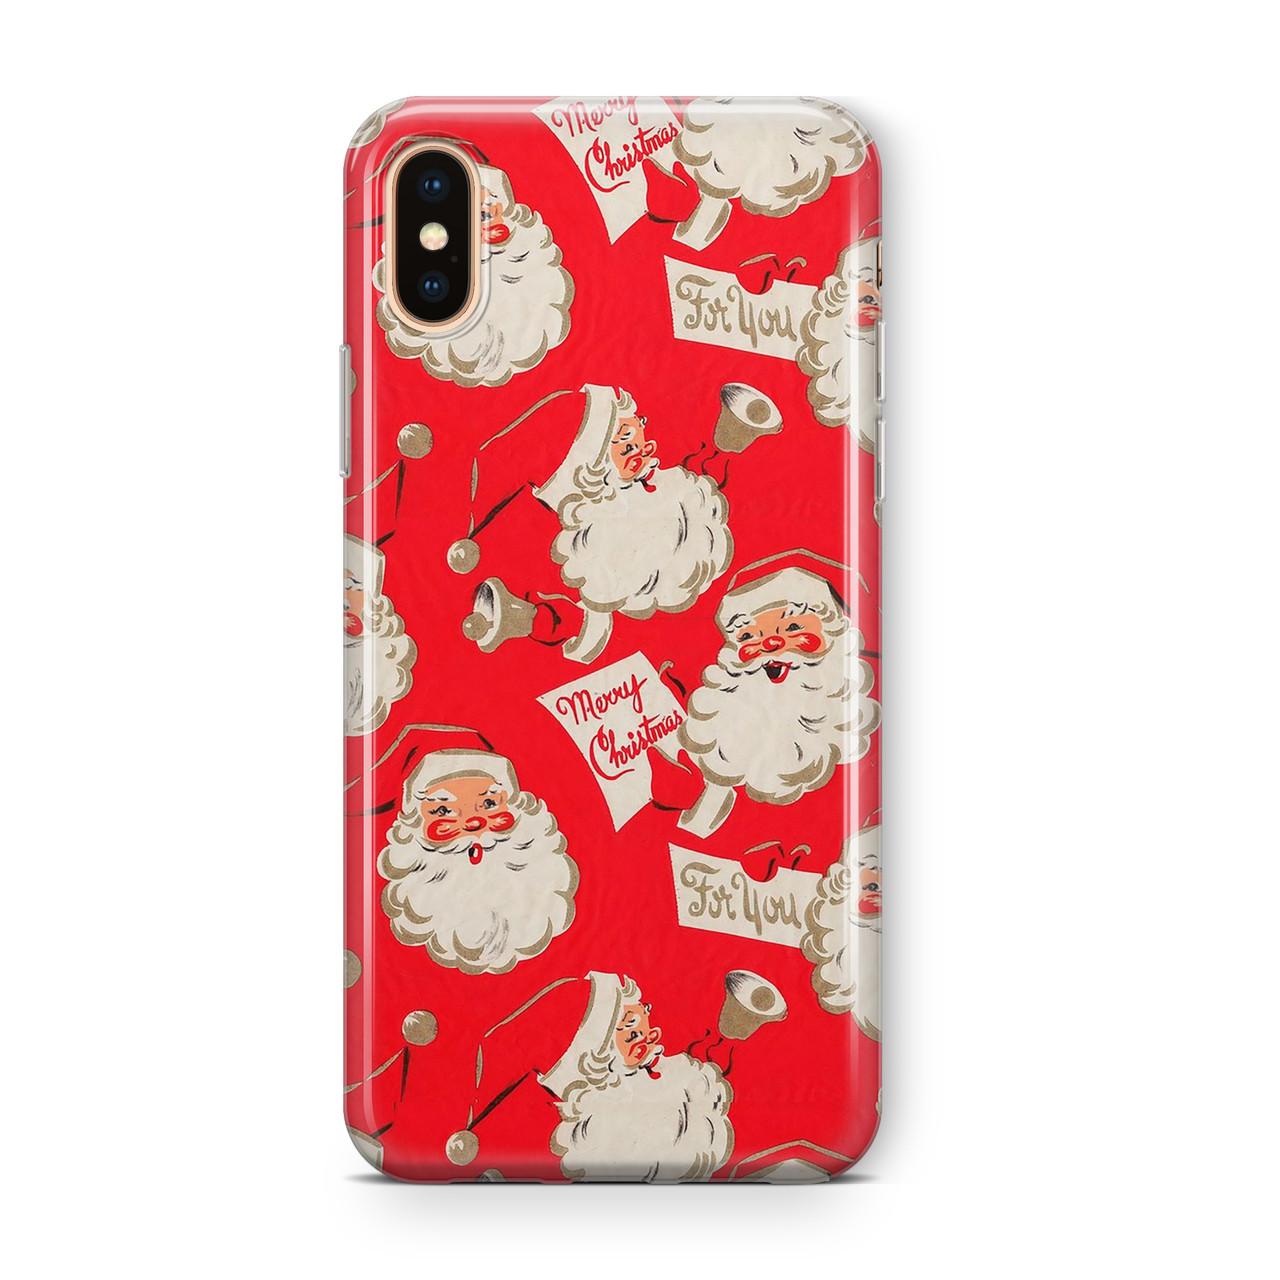 Дизайнерский пластиковый новогодний чехол для iPhone X/ XS /Xr /XS Max, с лицами дедов морозов